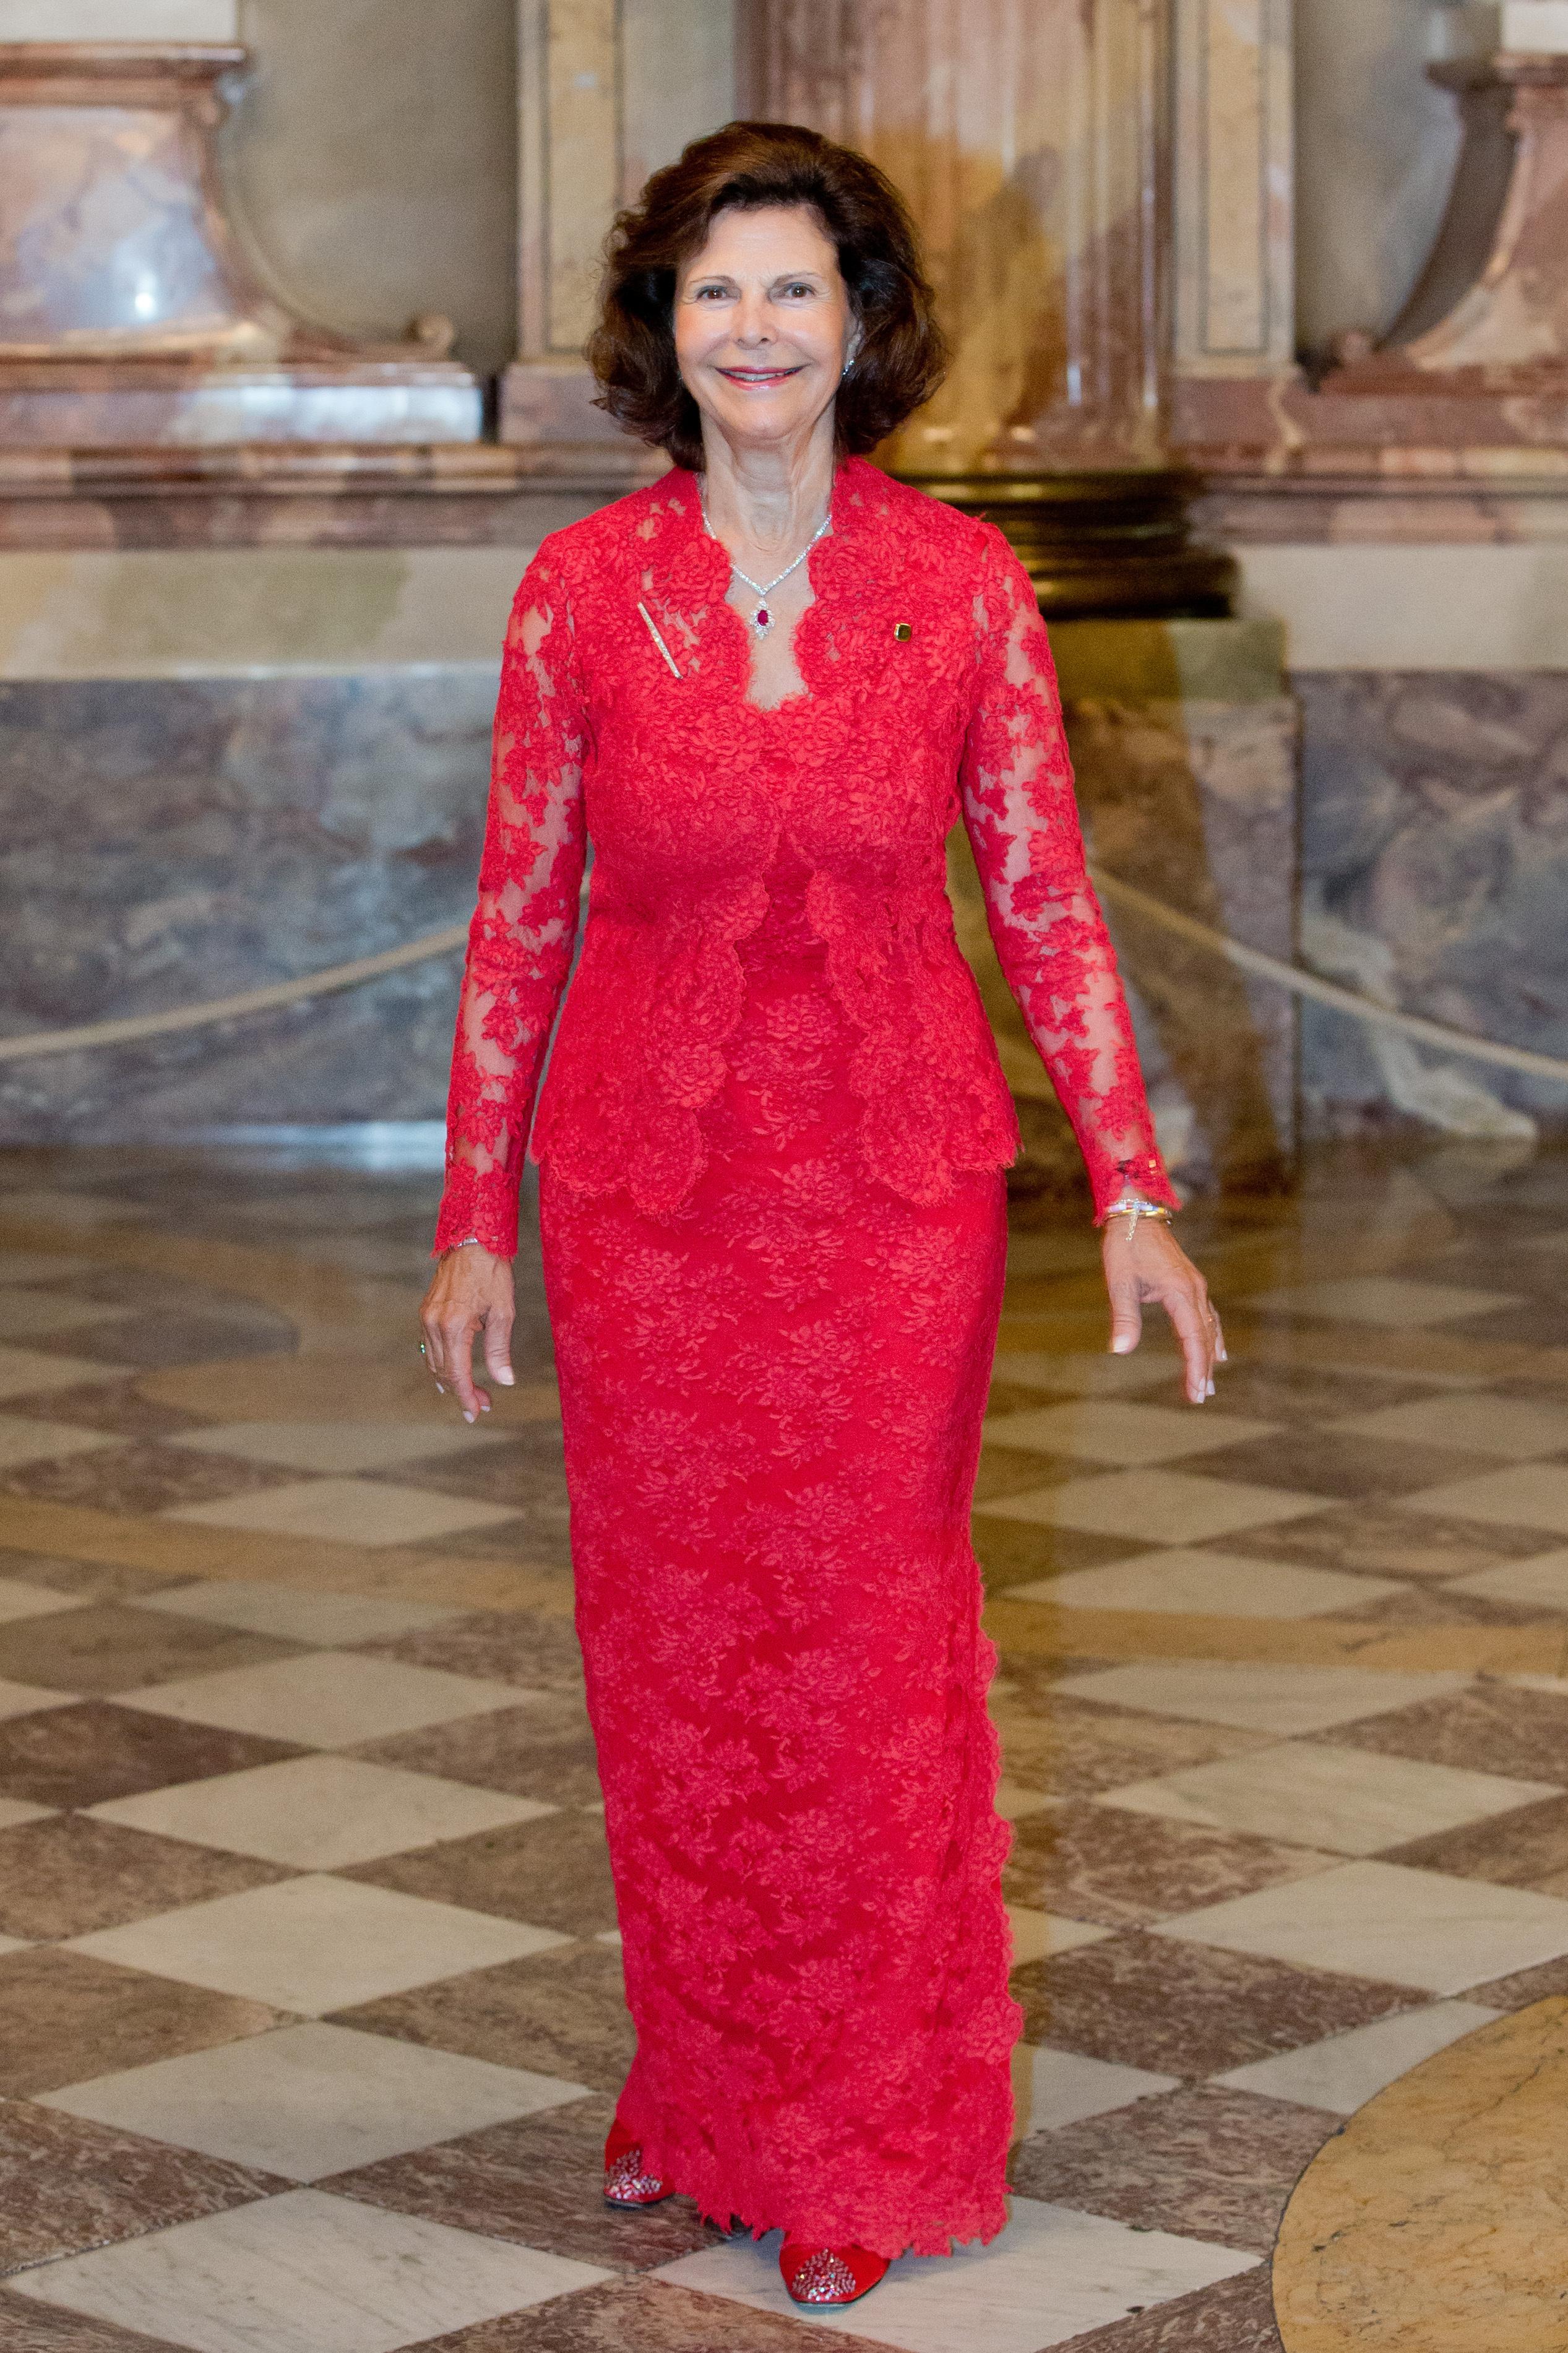 Schwedische Königin im roten Kleid